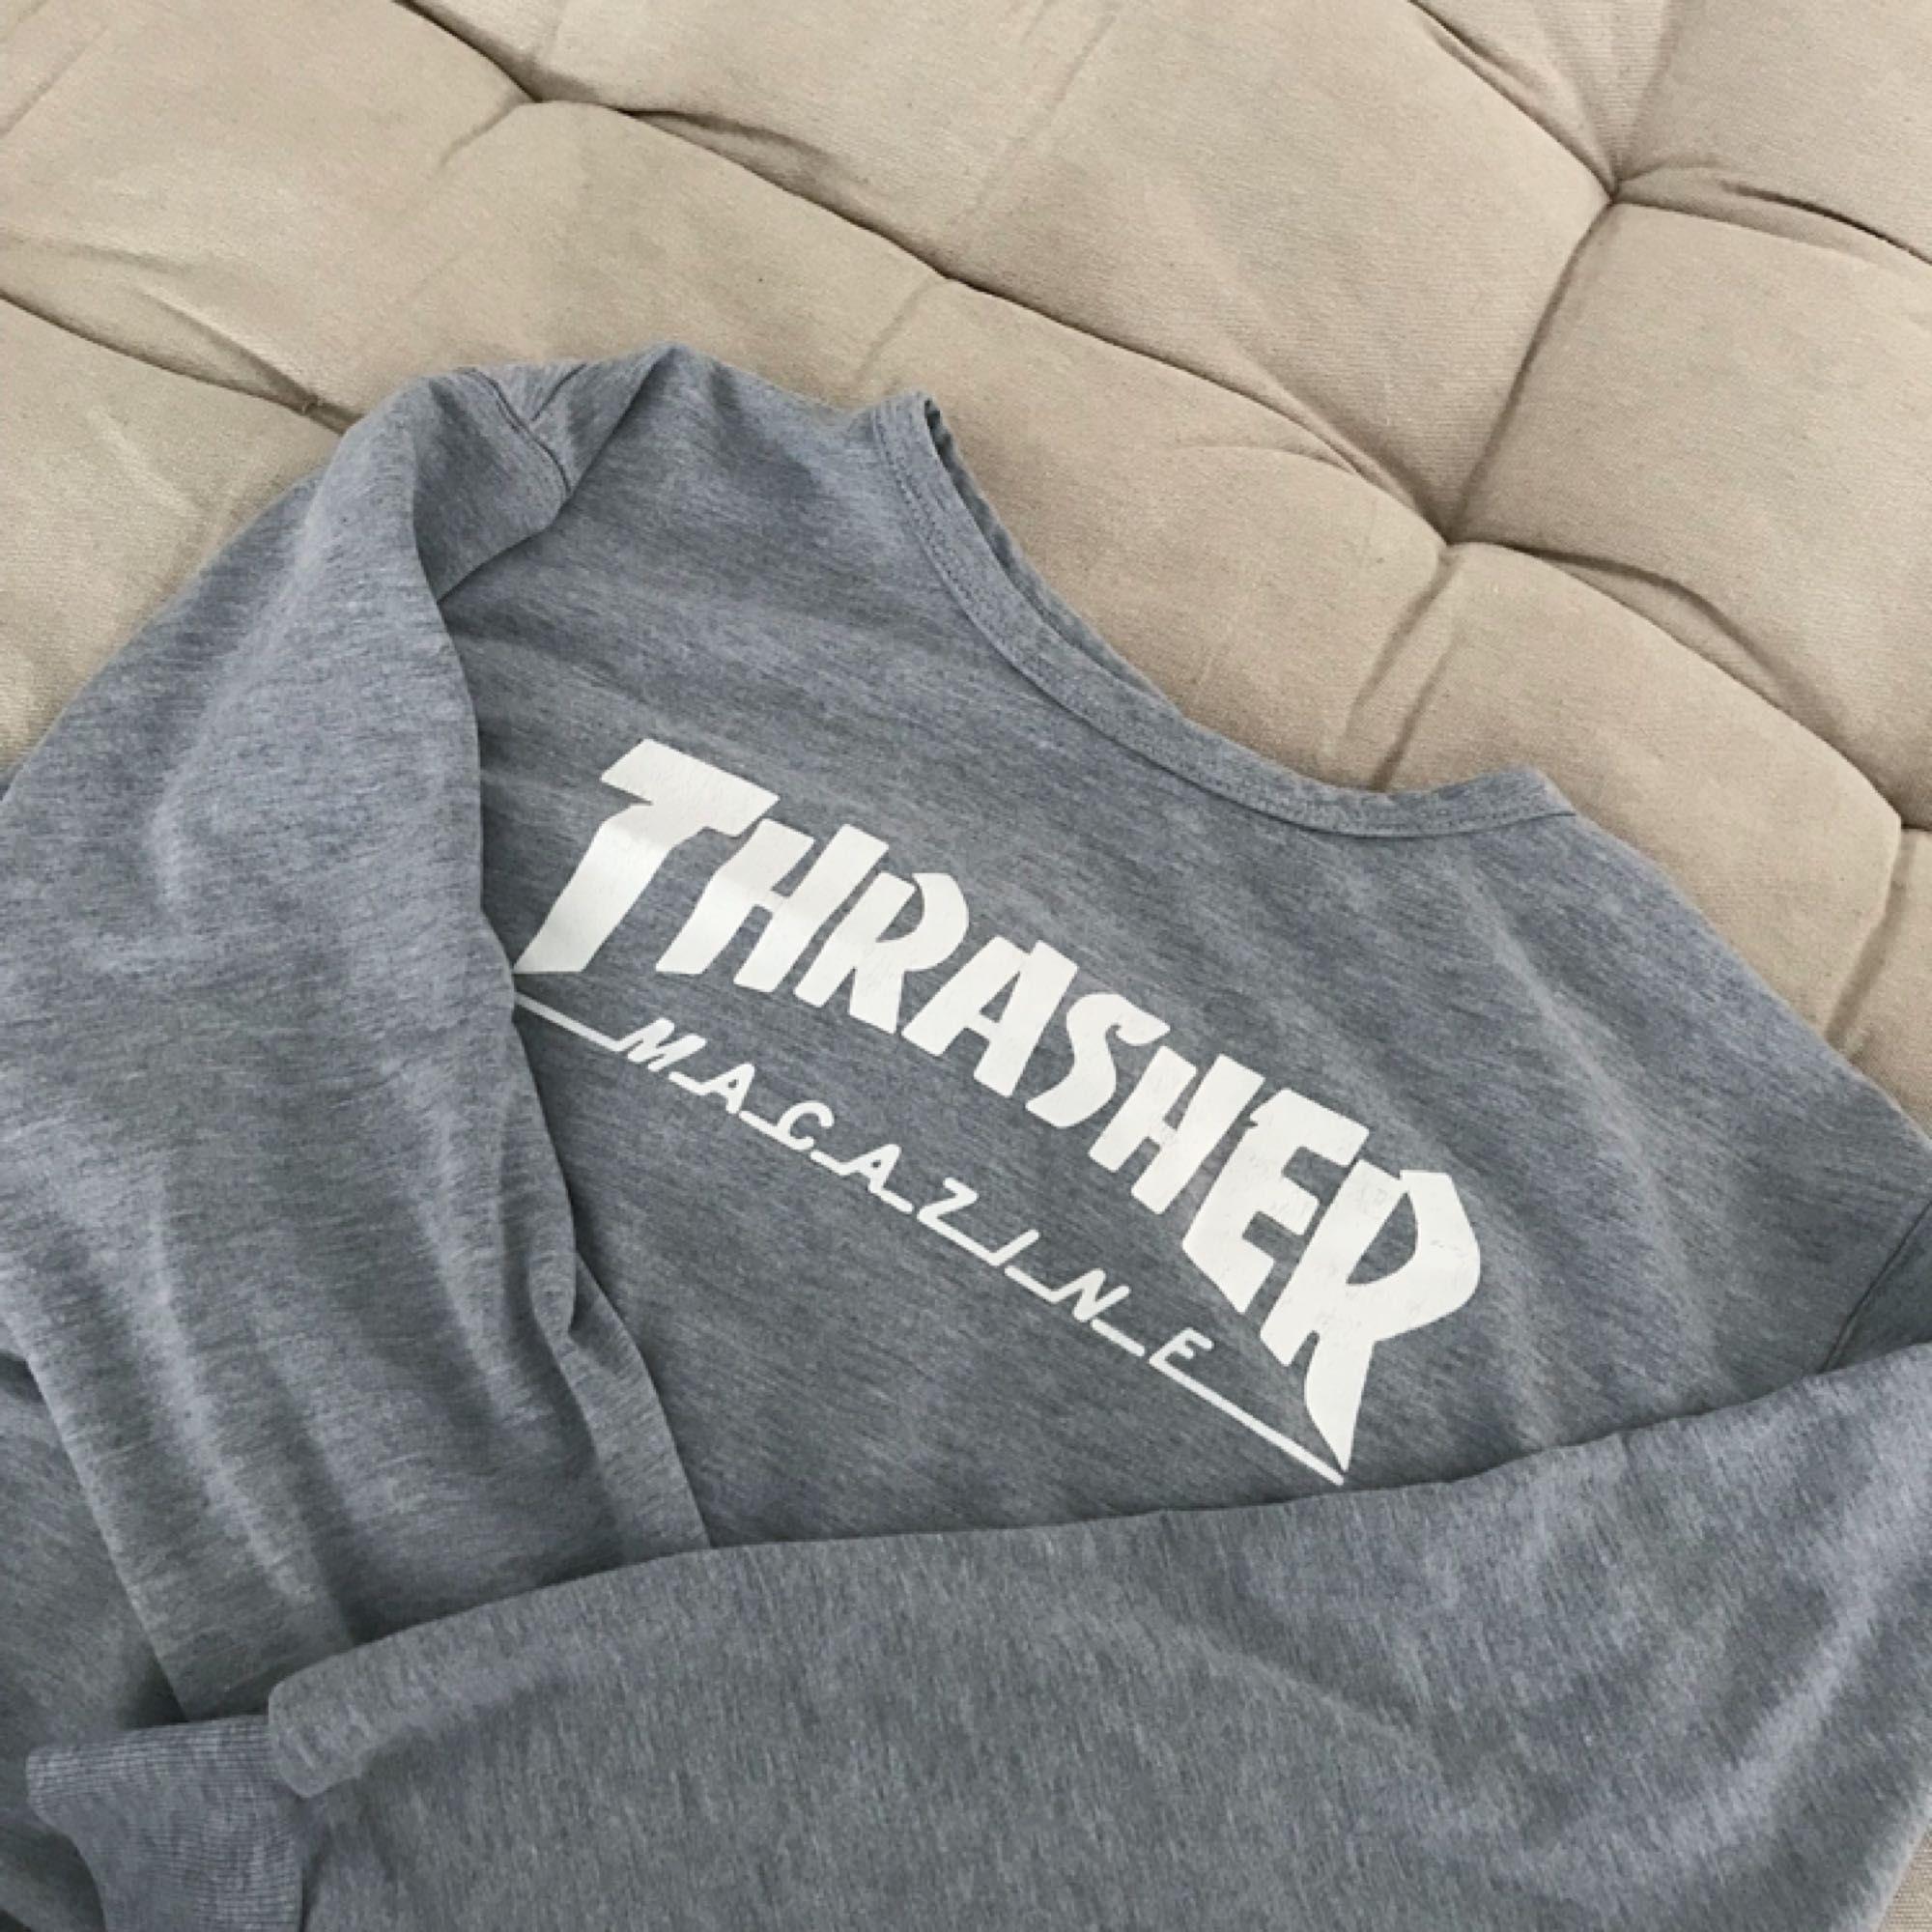 Äkta sweatshirt ifrån trasher! Köpt här på plick men aldrig kommit till användning.. +frakt 35kr🌹. Huvtröjor & Träningströjor.